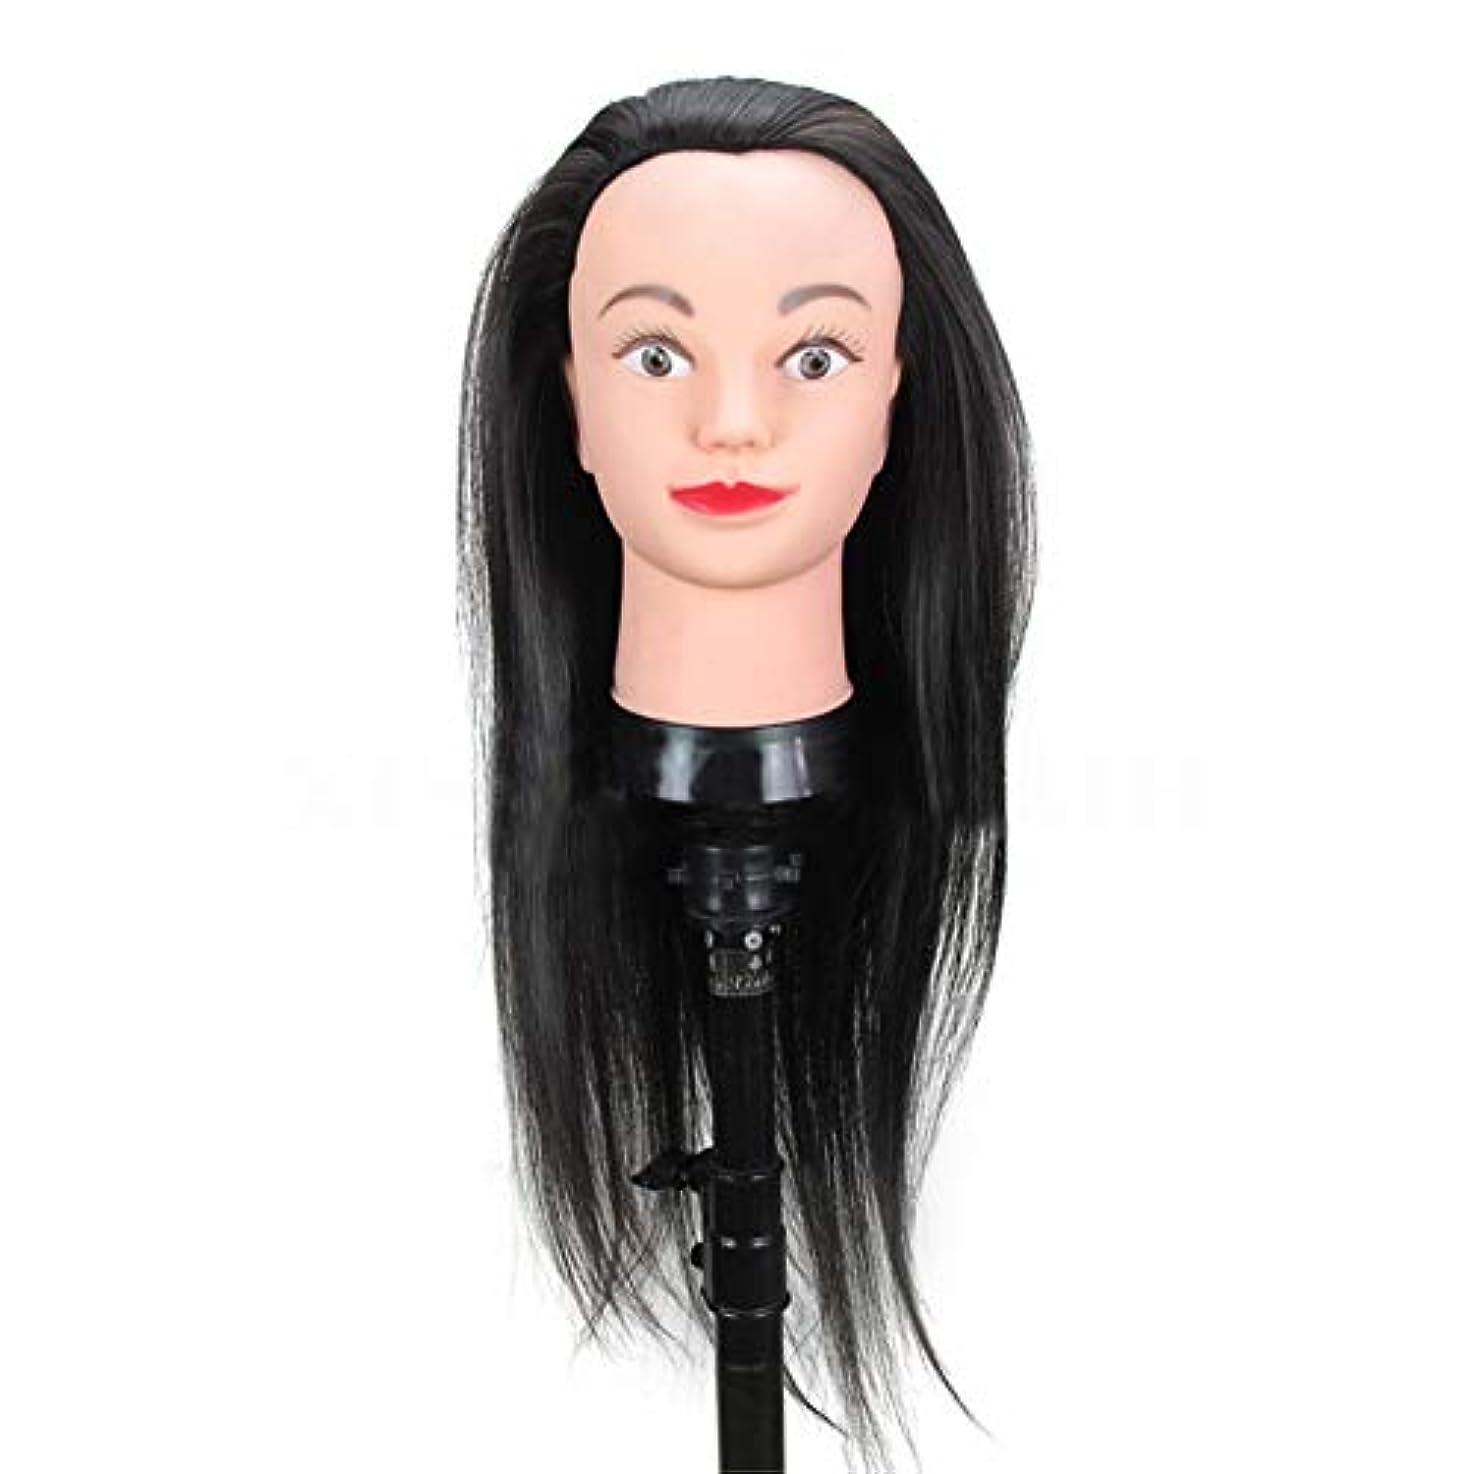 喜劇印刷するバルコニー高温シルク編組ヘアスタイリングヘッドモデル理髪店理髪ダミーヘッド化粧練習マネキンヘッド